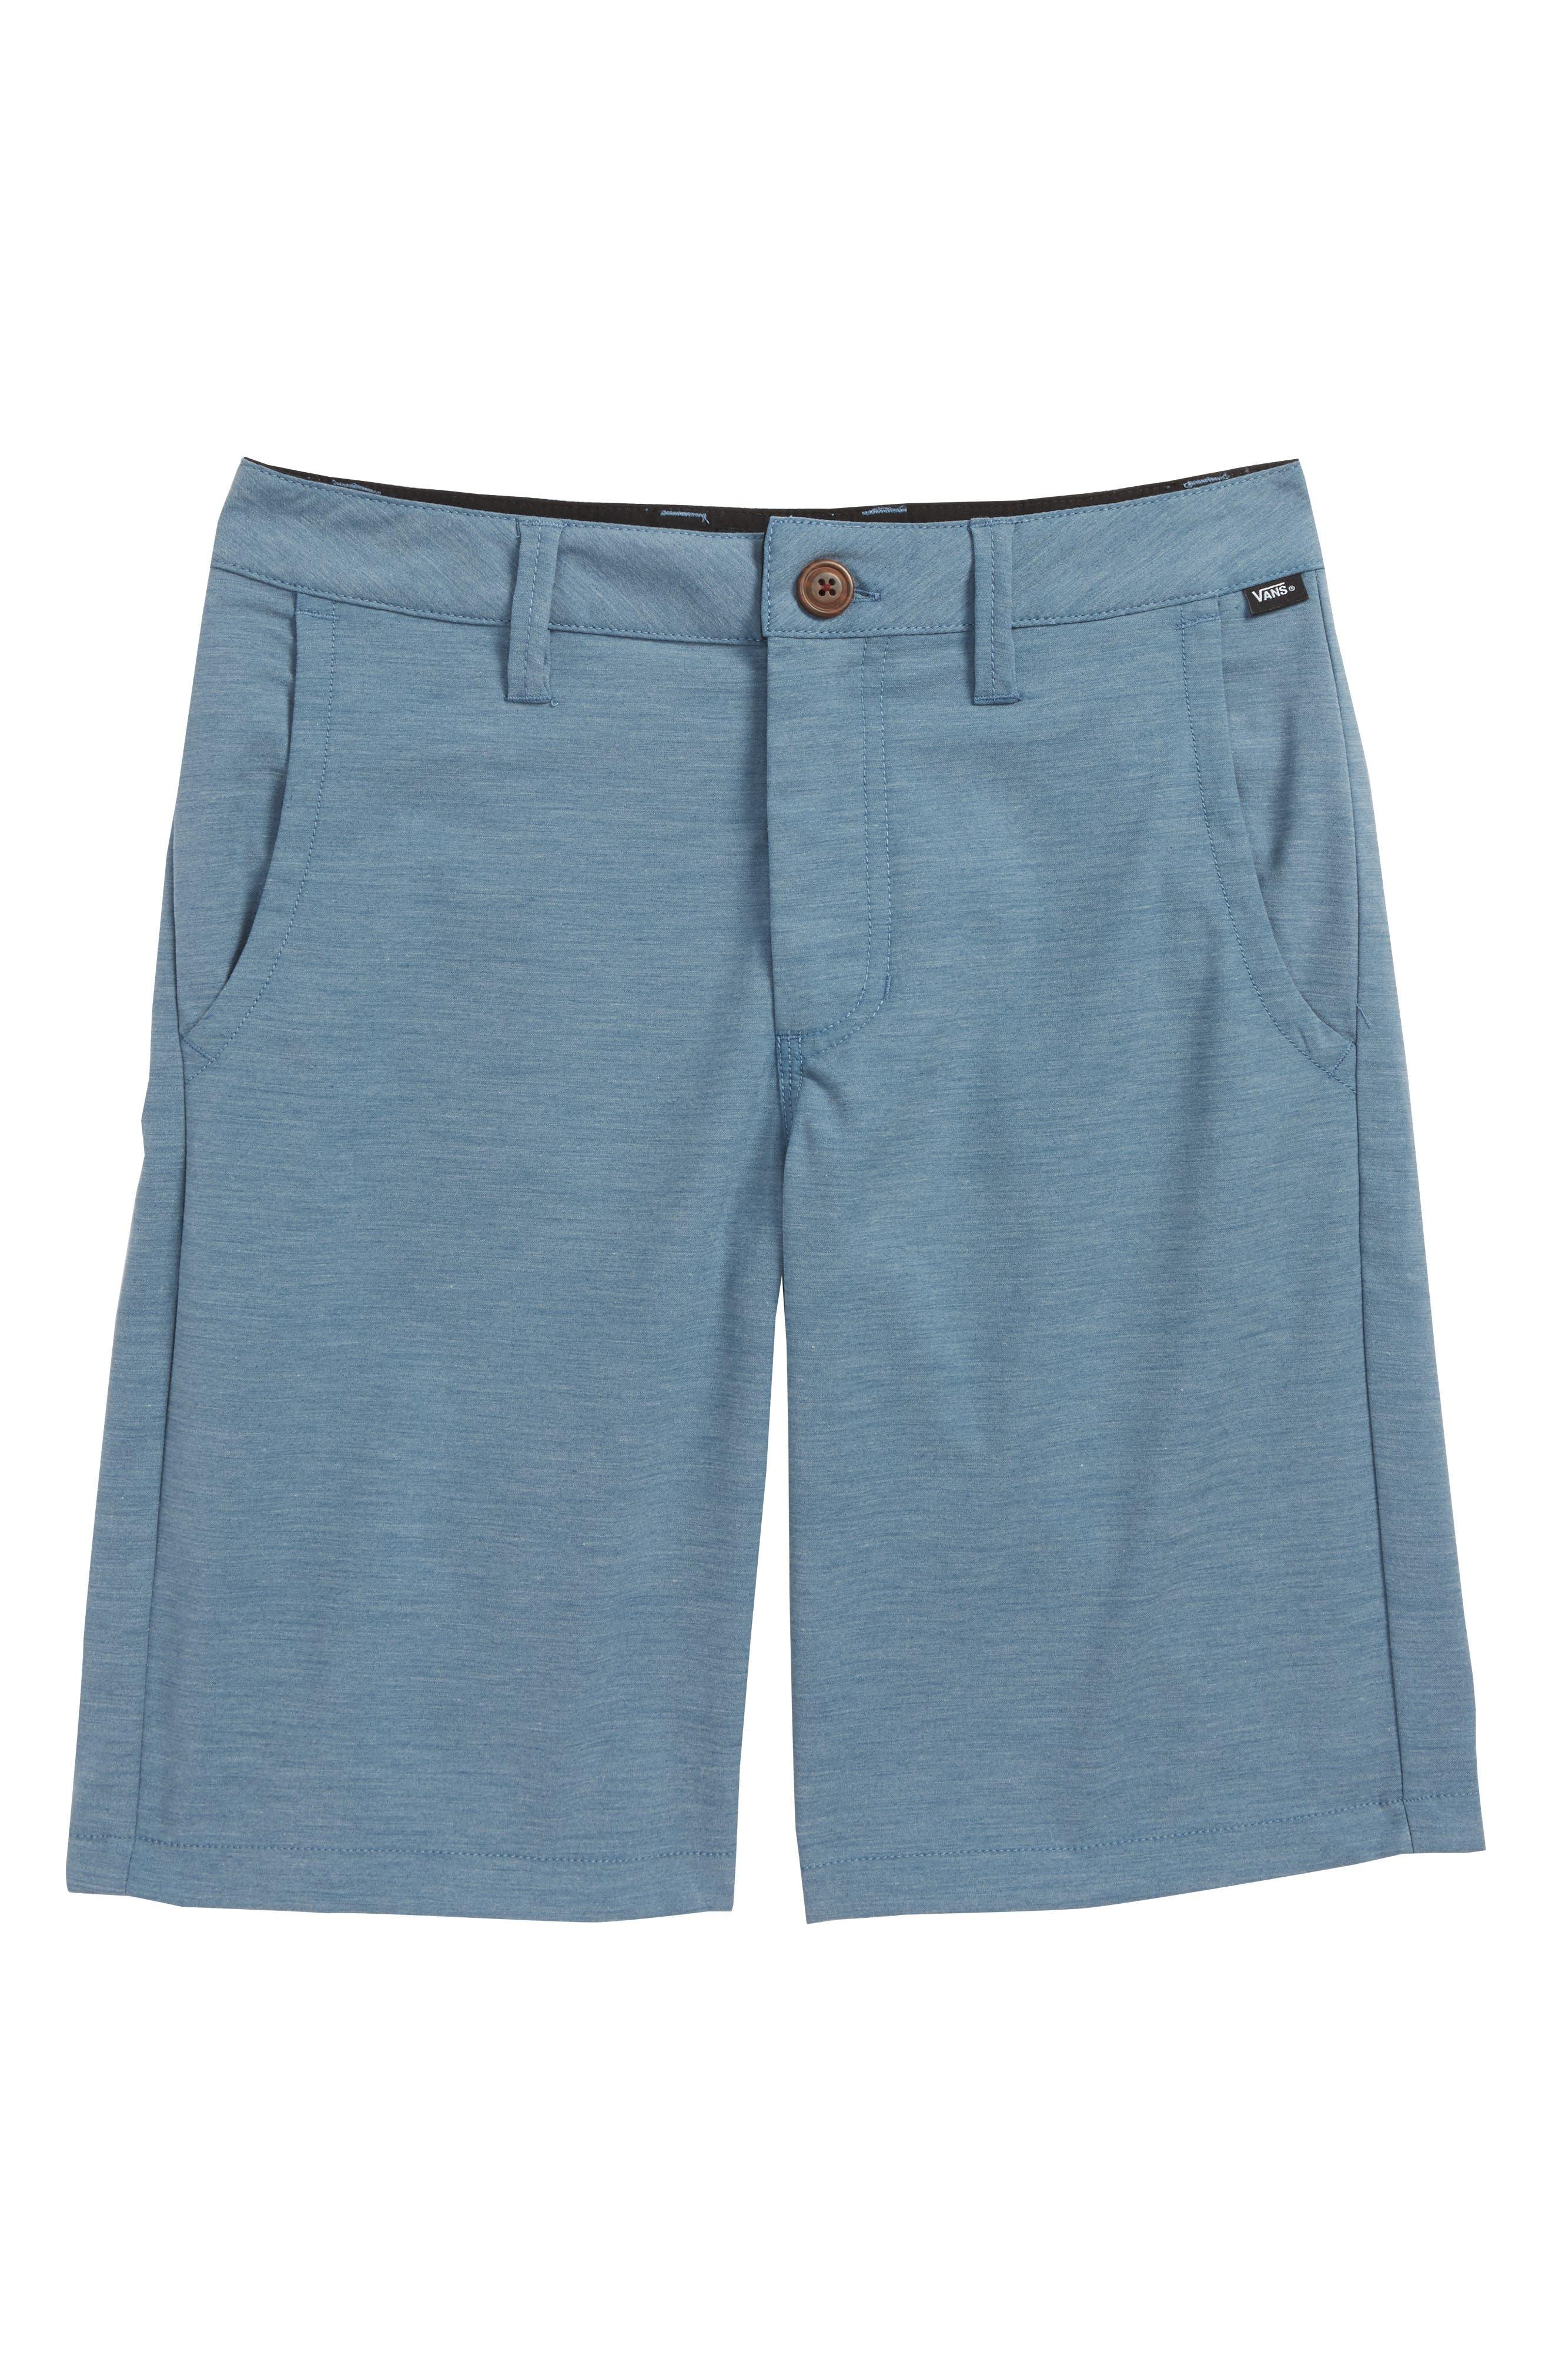 Authentic Decksider Hybrid Shorts,                         Main,                         color, Copen Blue